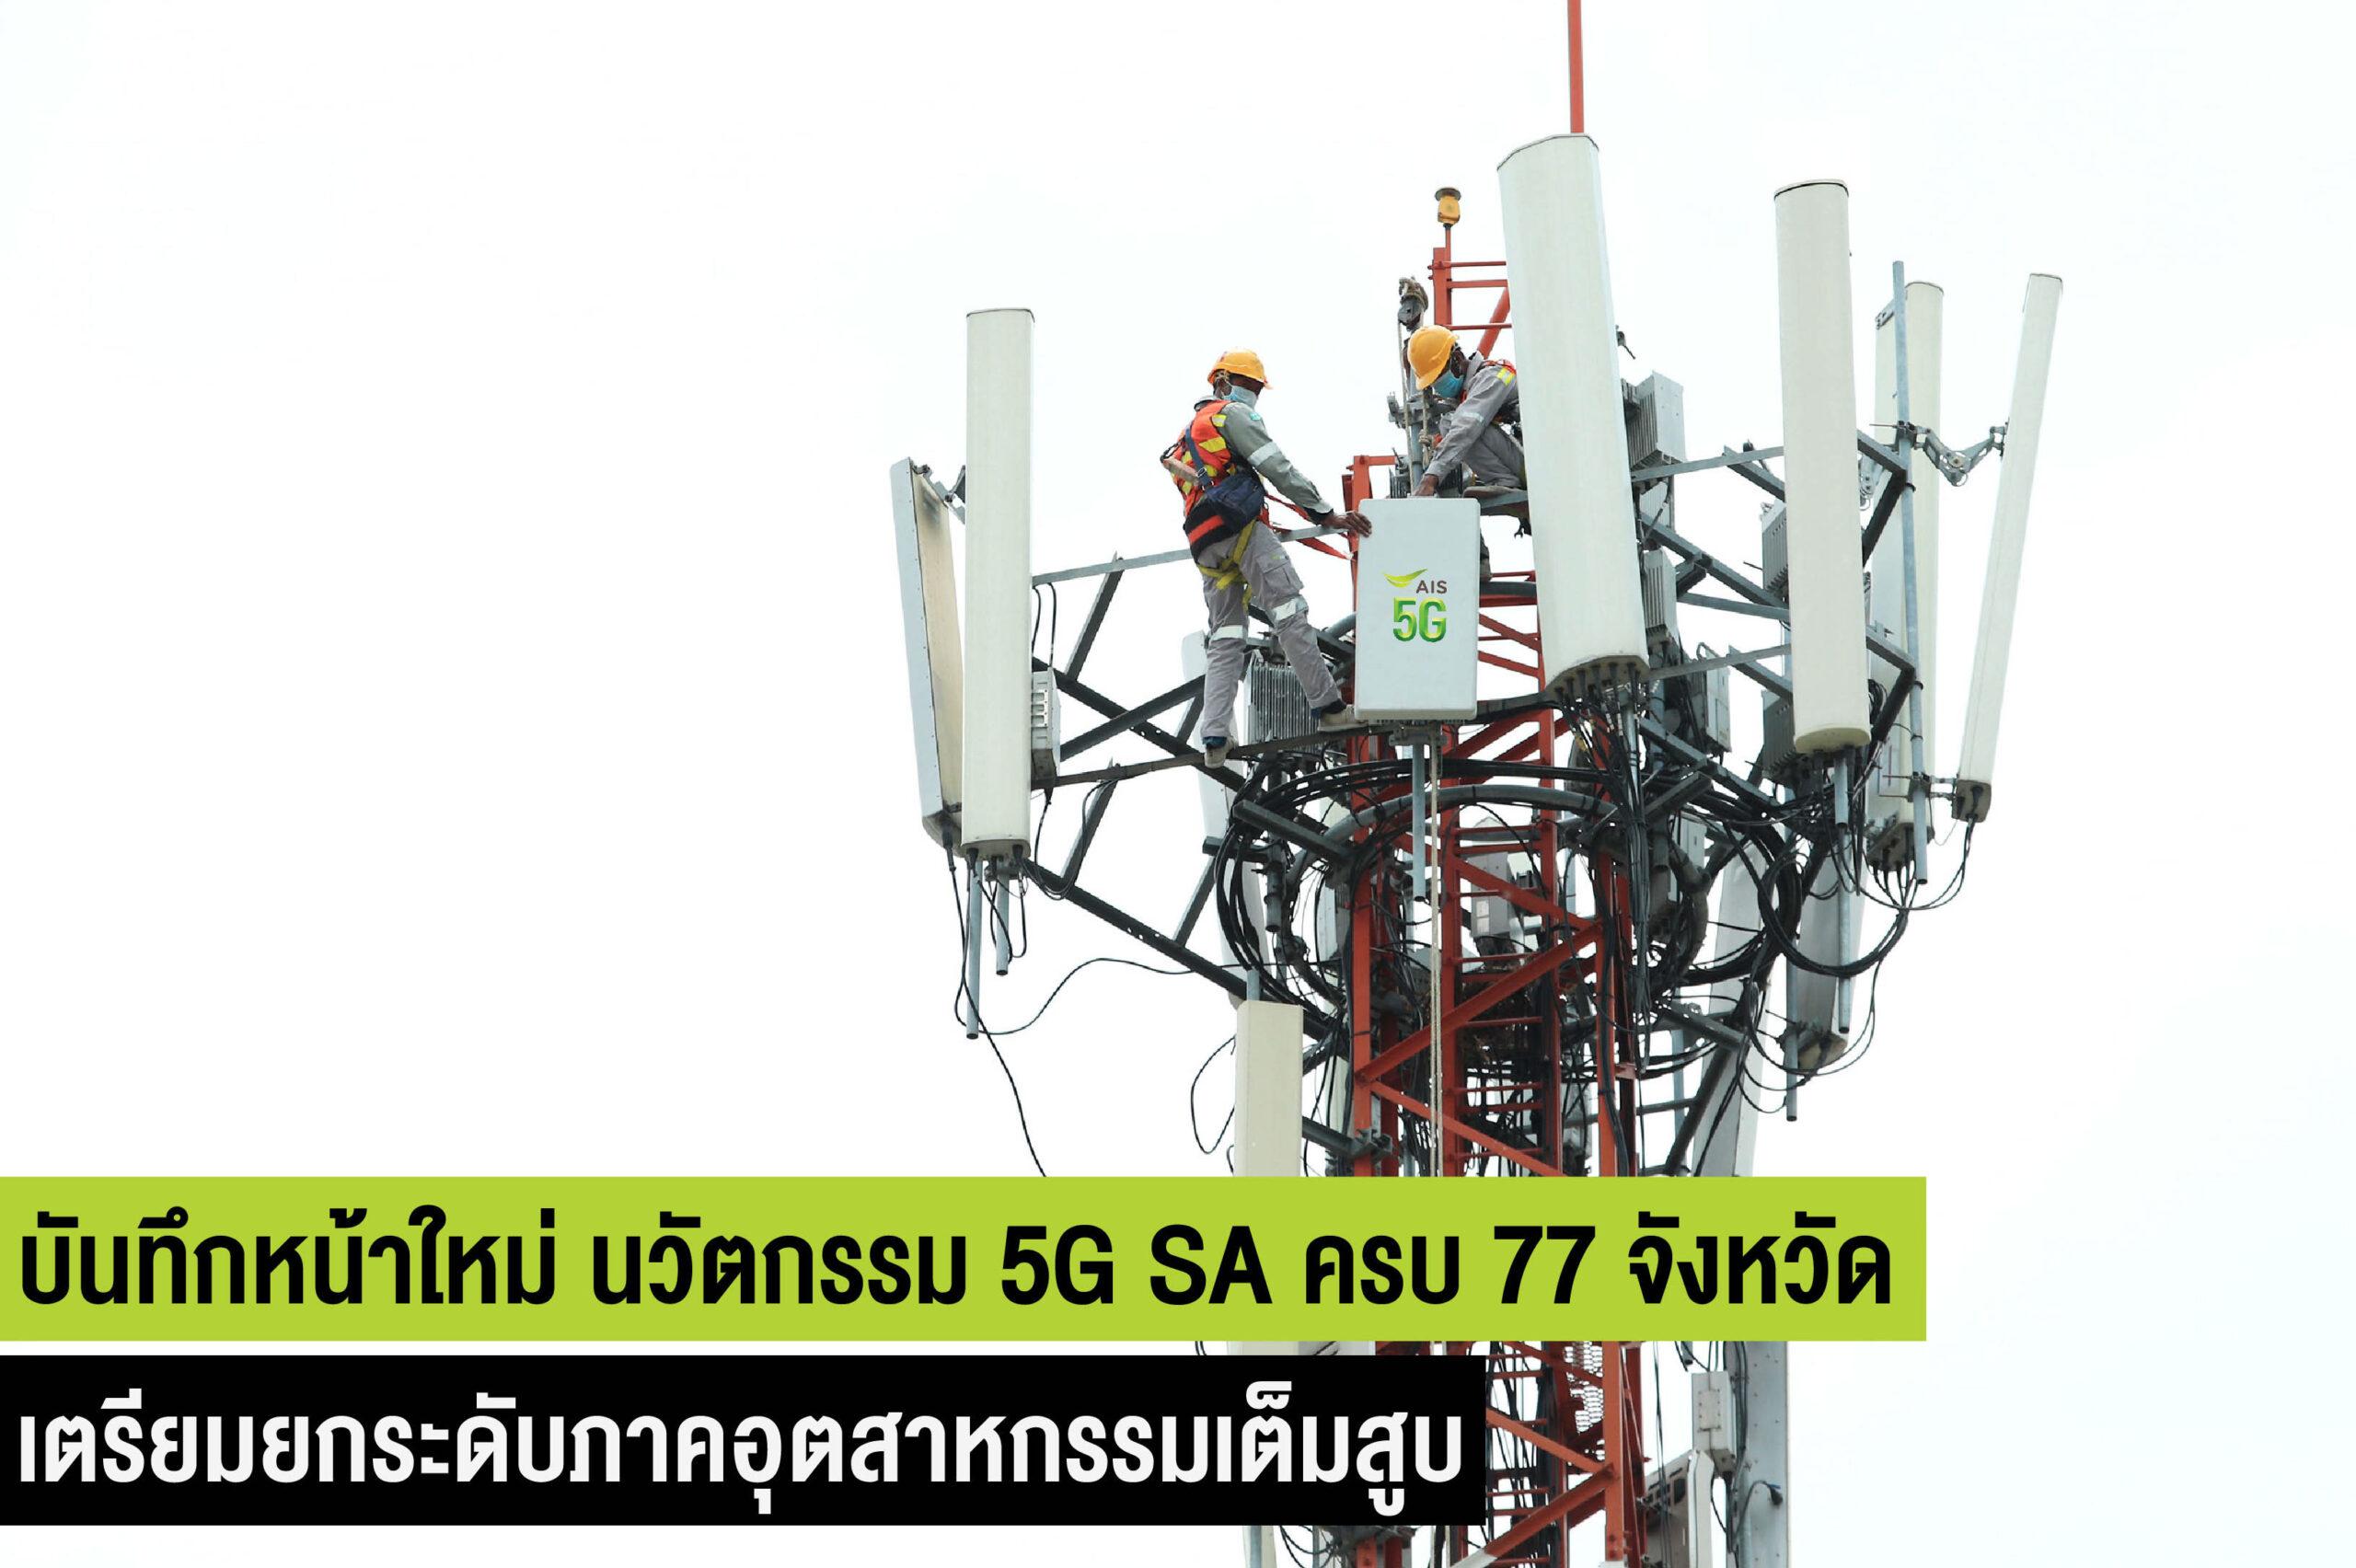 บันทึกหน้าใหม่ นวัตกรรม 5G ประเทศไทย AIS ปูพรมเครือข่าย 5G SA ครบ 77 จังหวัด พร้อมเต็มสูบยกระดับอินเทอร์เน็ตความเร็วสูง เพื่อภาคอุตสาหกรรม